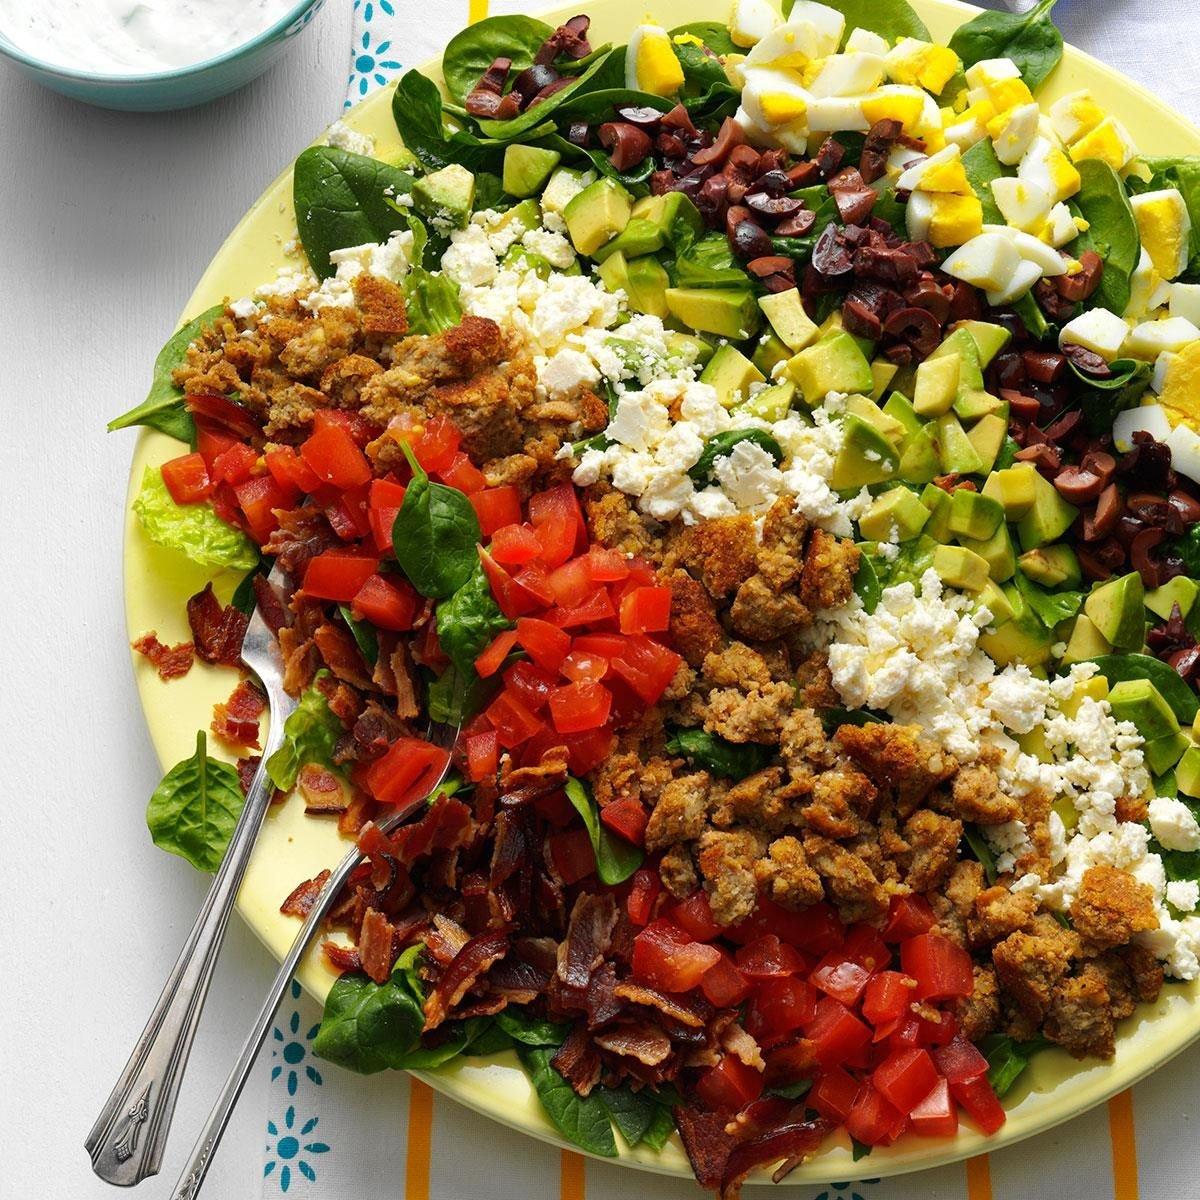 Mediterranean cobb salad recipe taste of home - Healthy greek recipes for dinner mediterranean savour ...